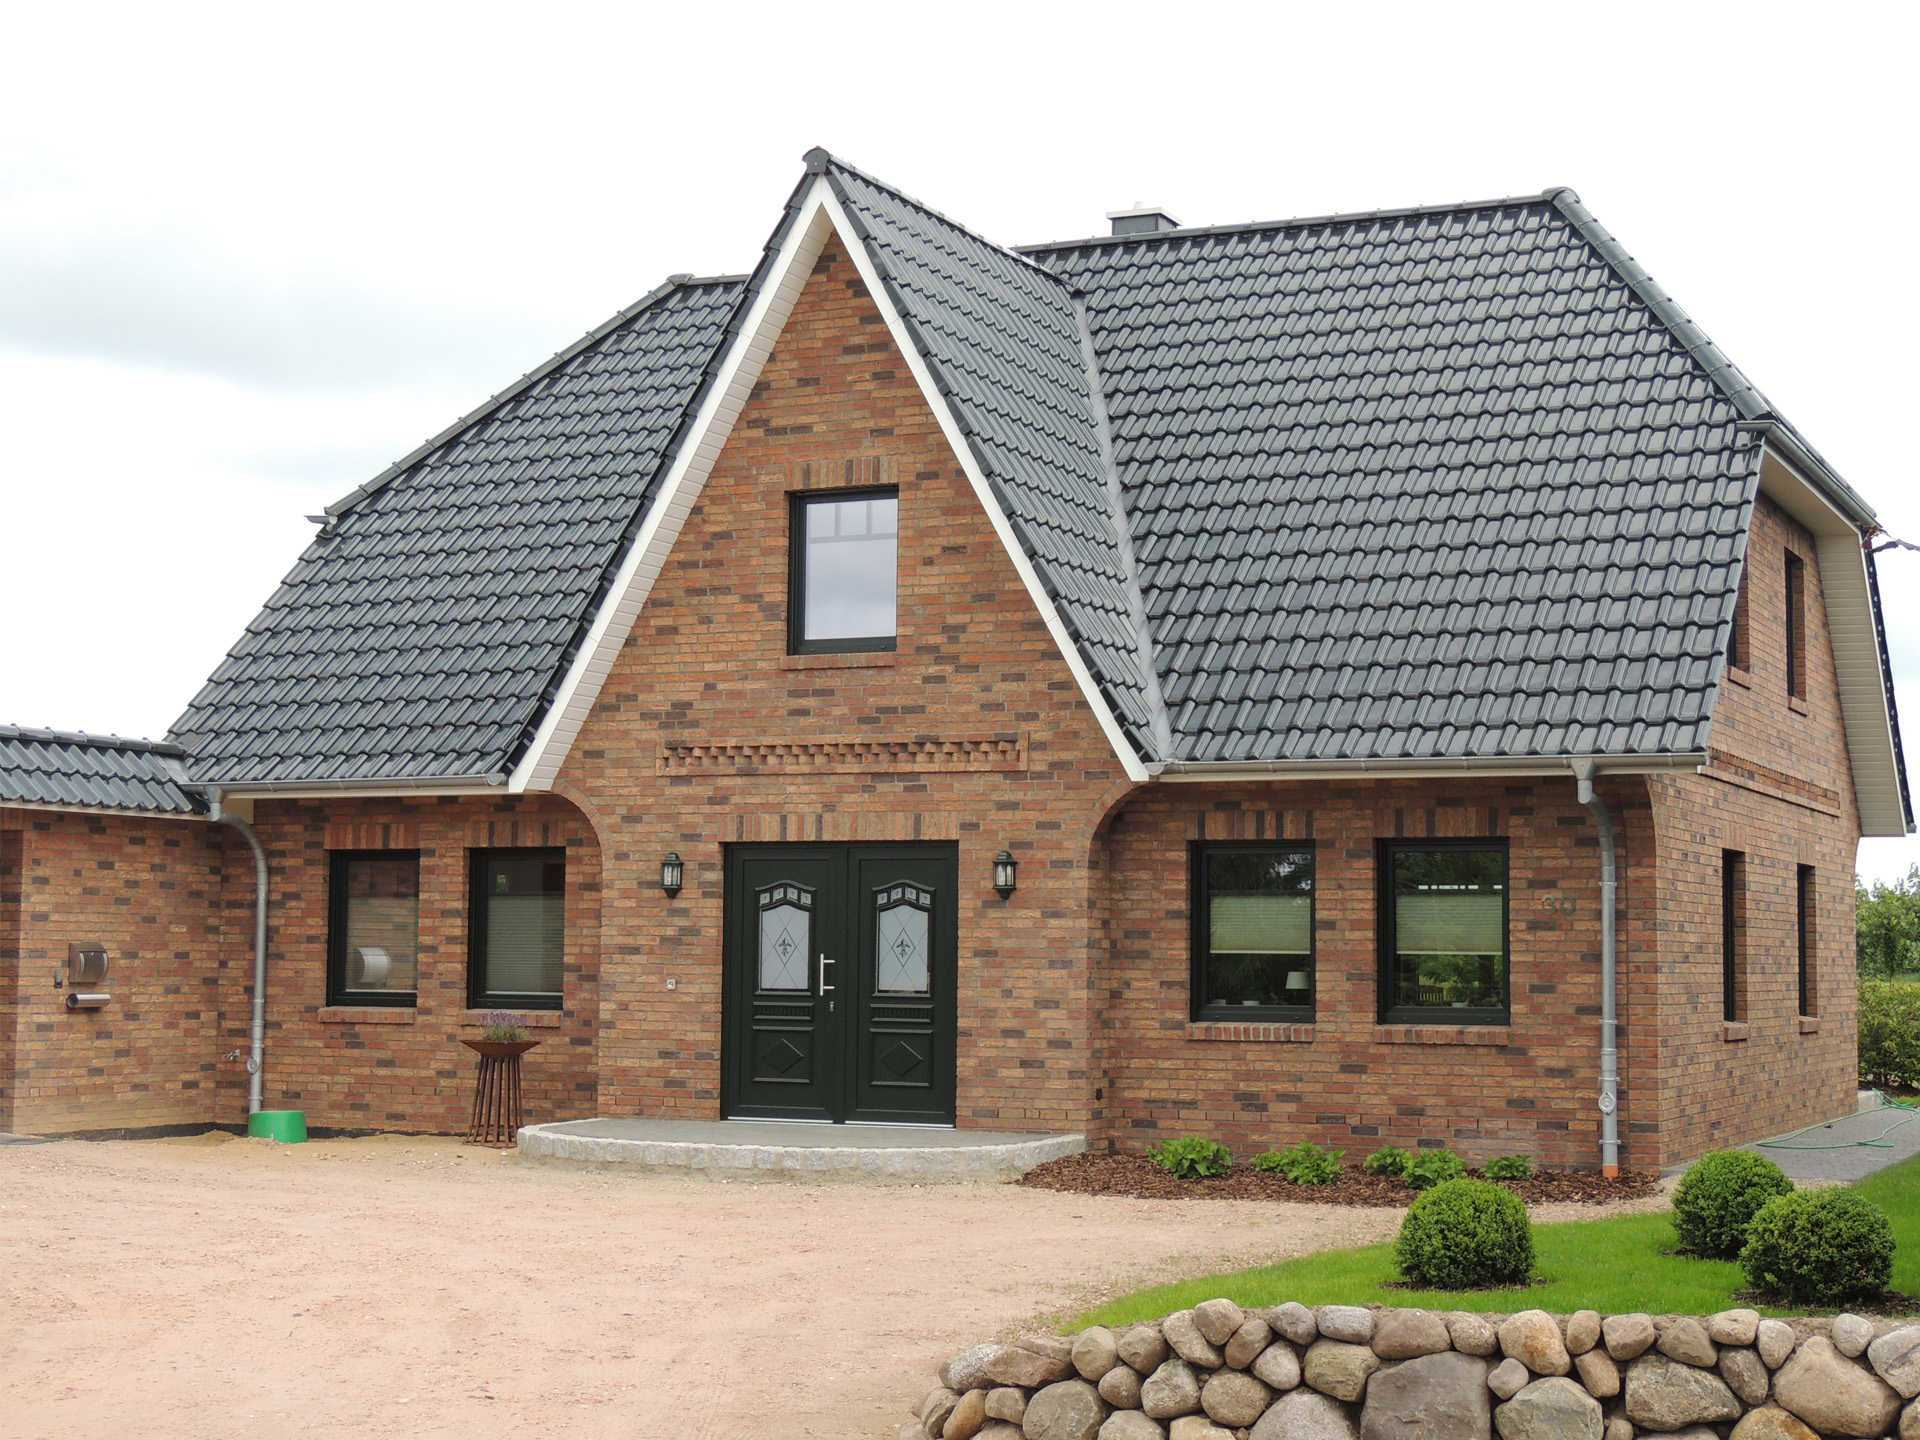 ^ Haus Bauen Beispiele: Gussek haus einfamilienhäuser günstig bauen ...